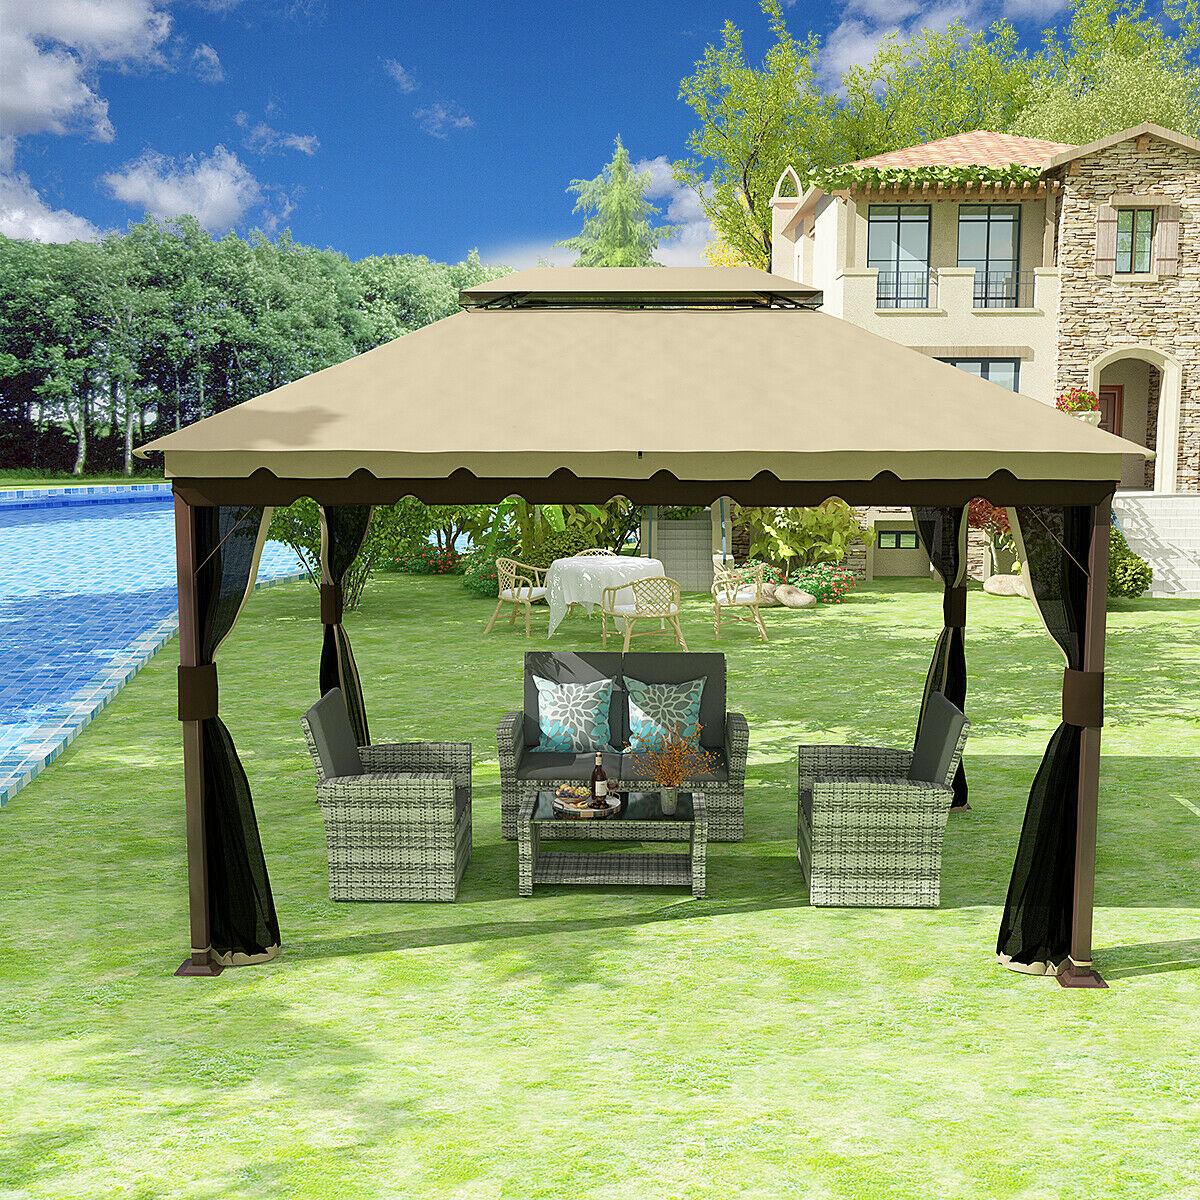 yitahome 10x12 gazebo canopy double roof garden tent patio w mosquito netting walmart com